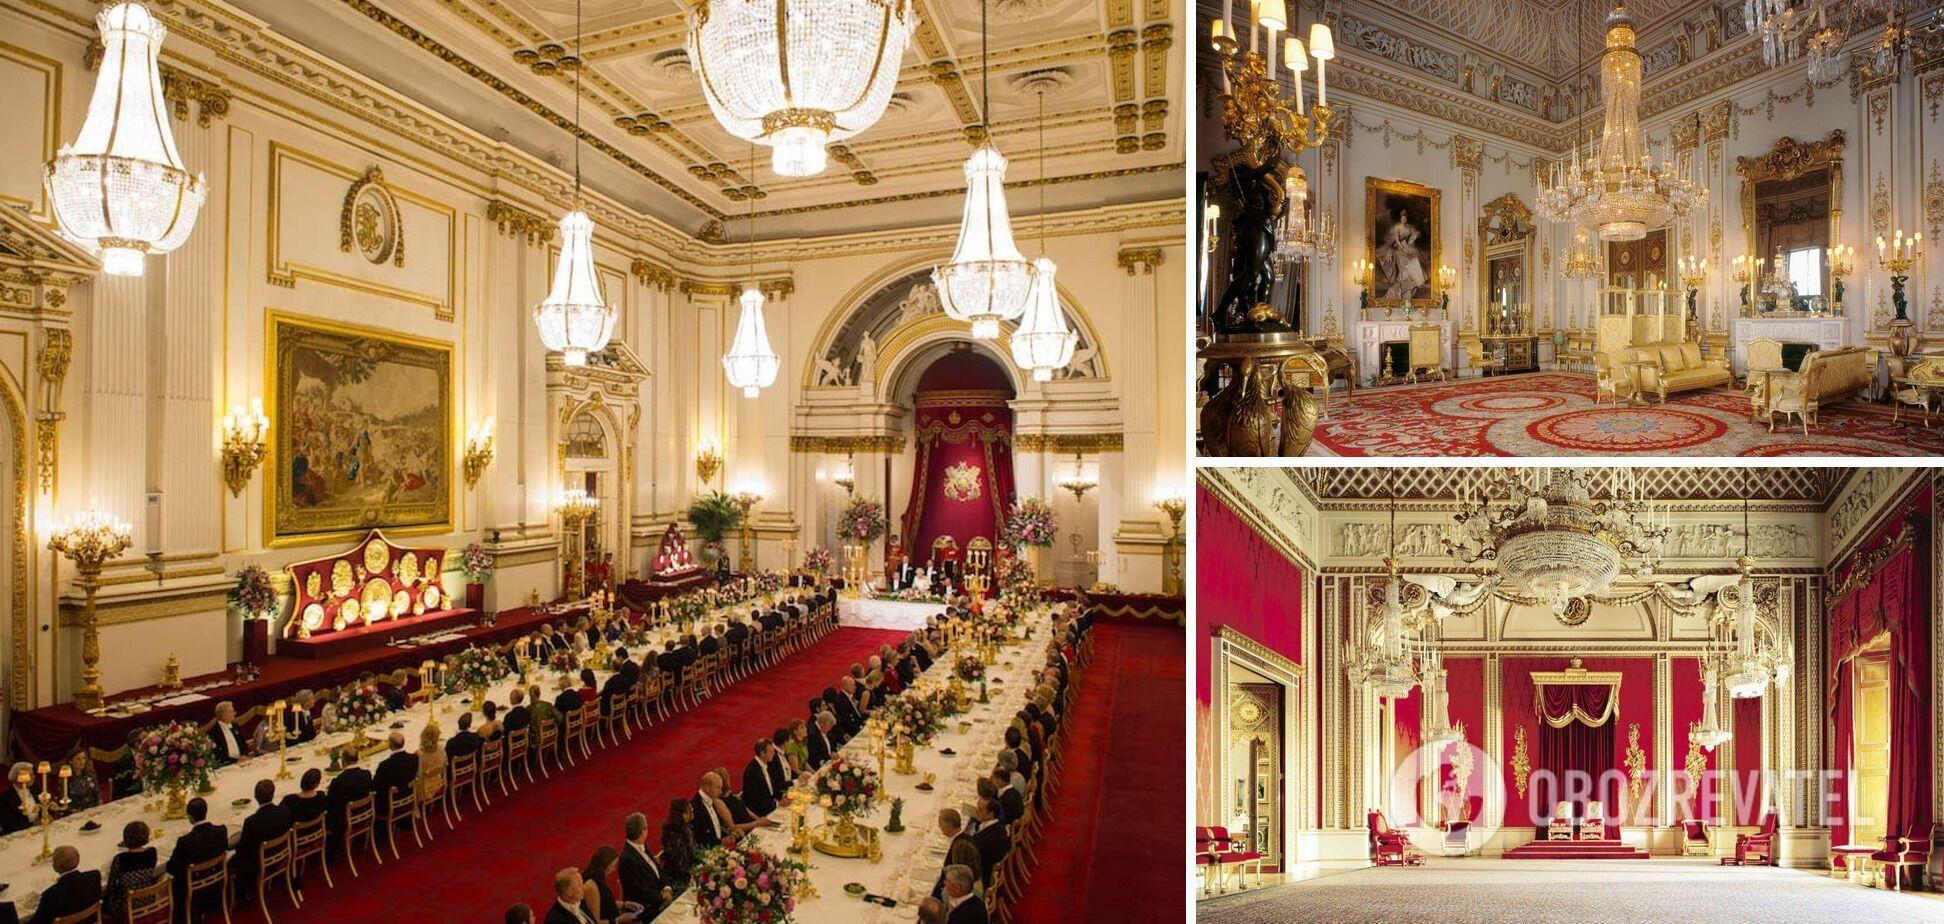 Усім відомий Букінгемський палац, в якому проживає королева Єлизавета